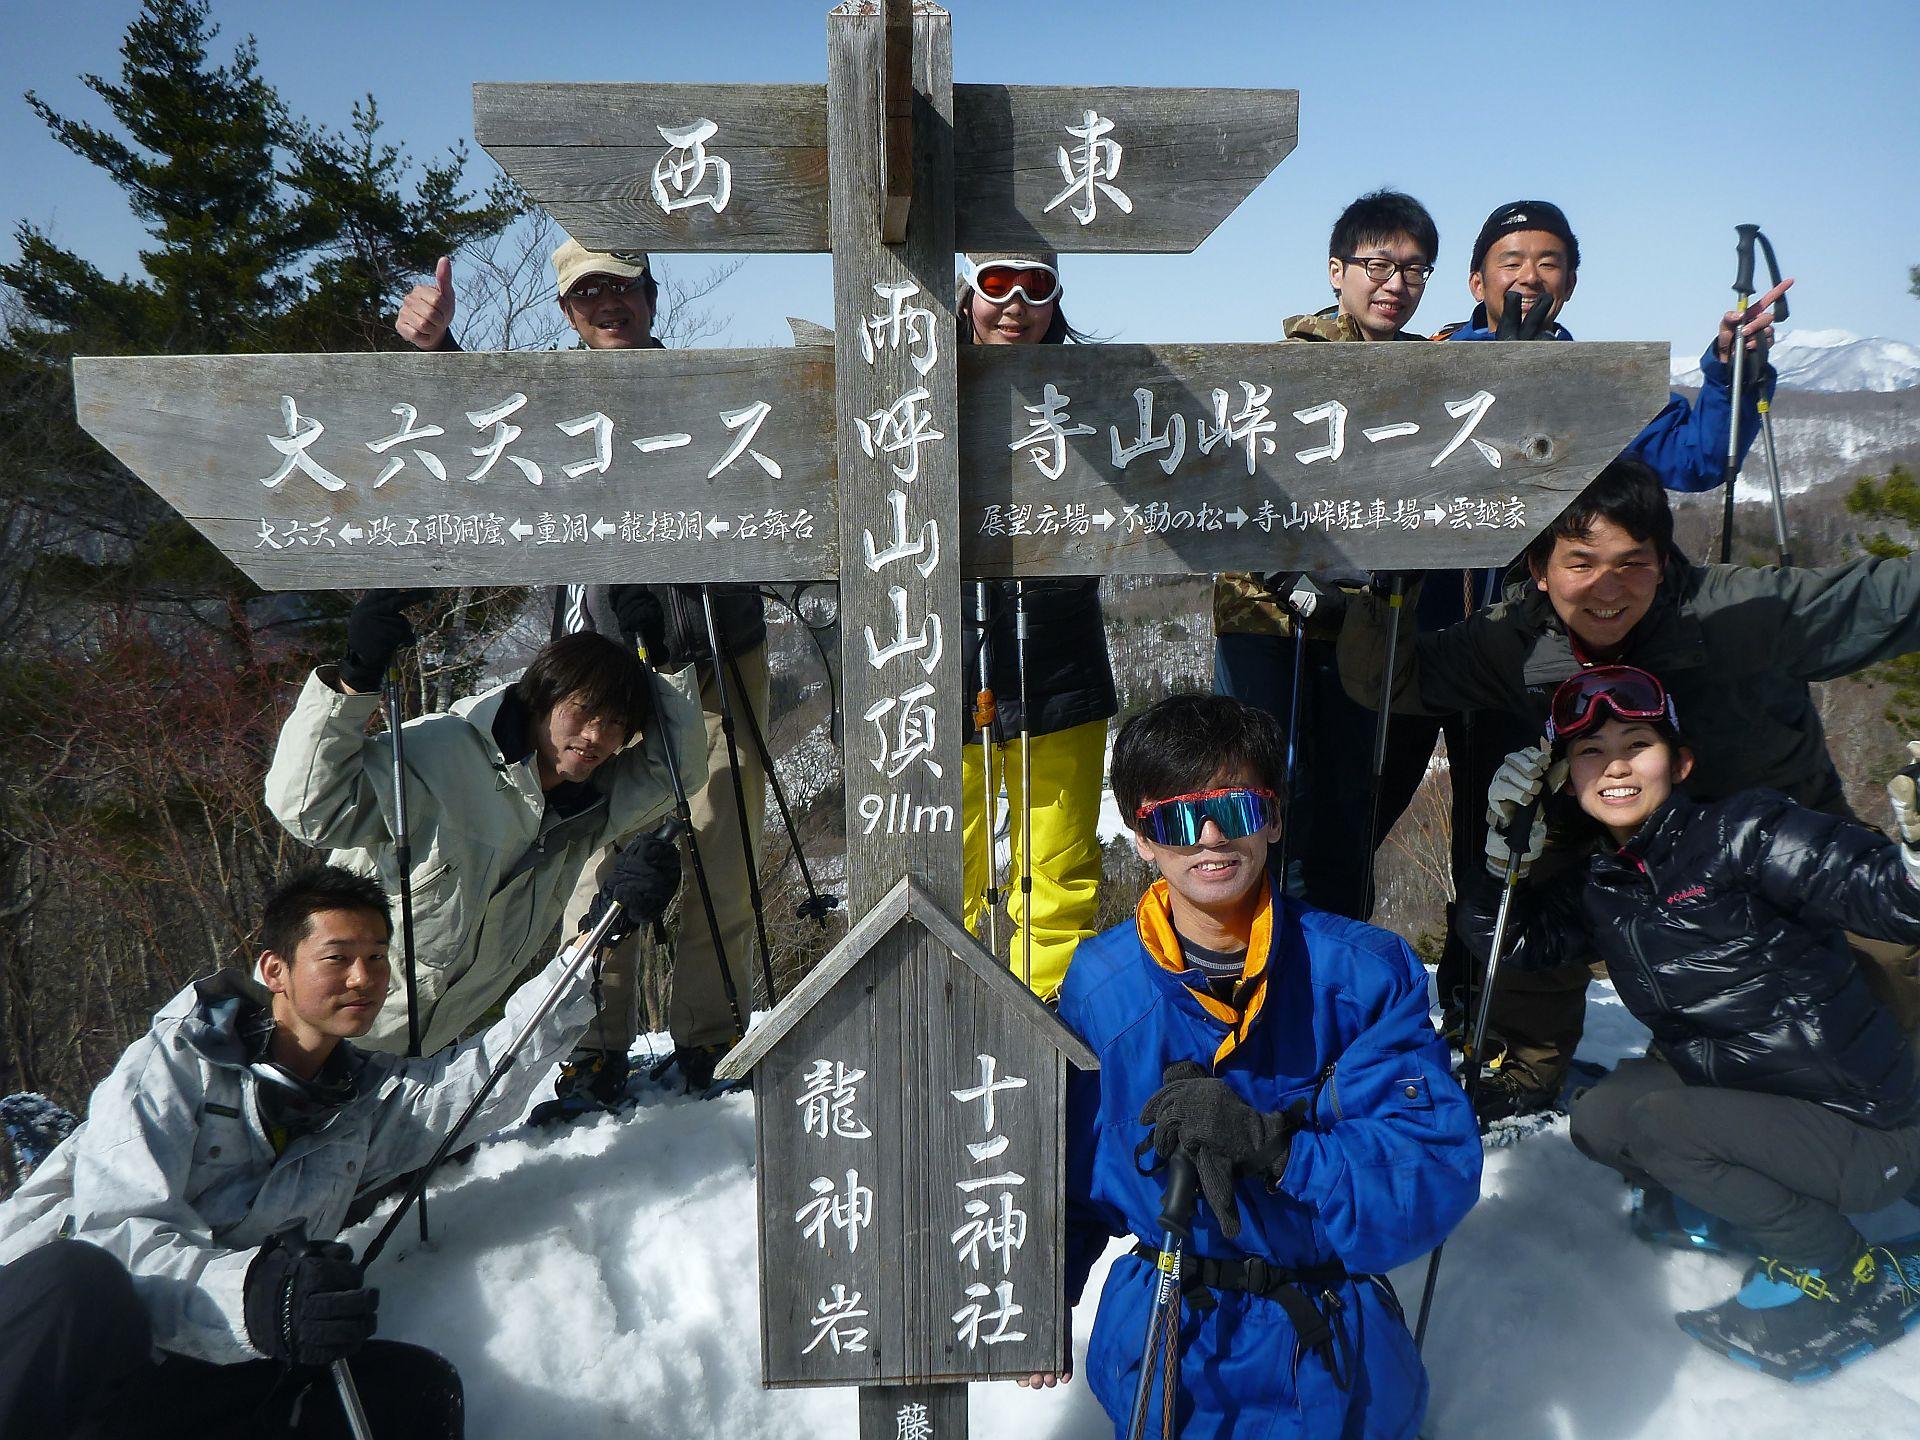 太陽ピカーン!青空広がる!!3月21日(土)カッパCLUBツアー